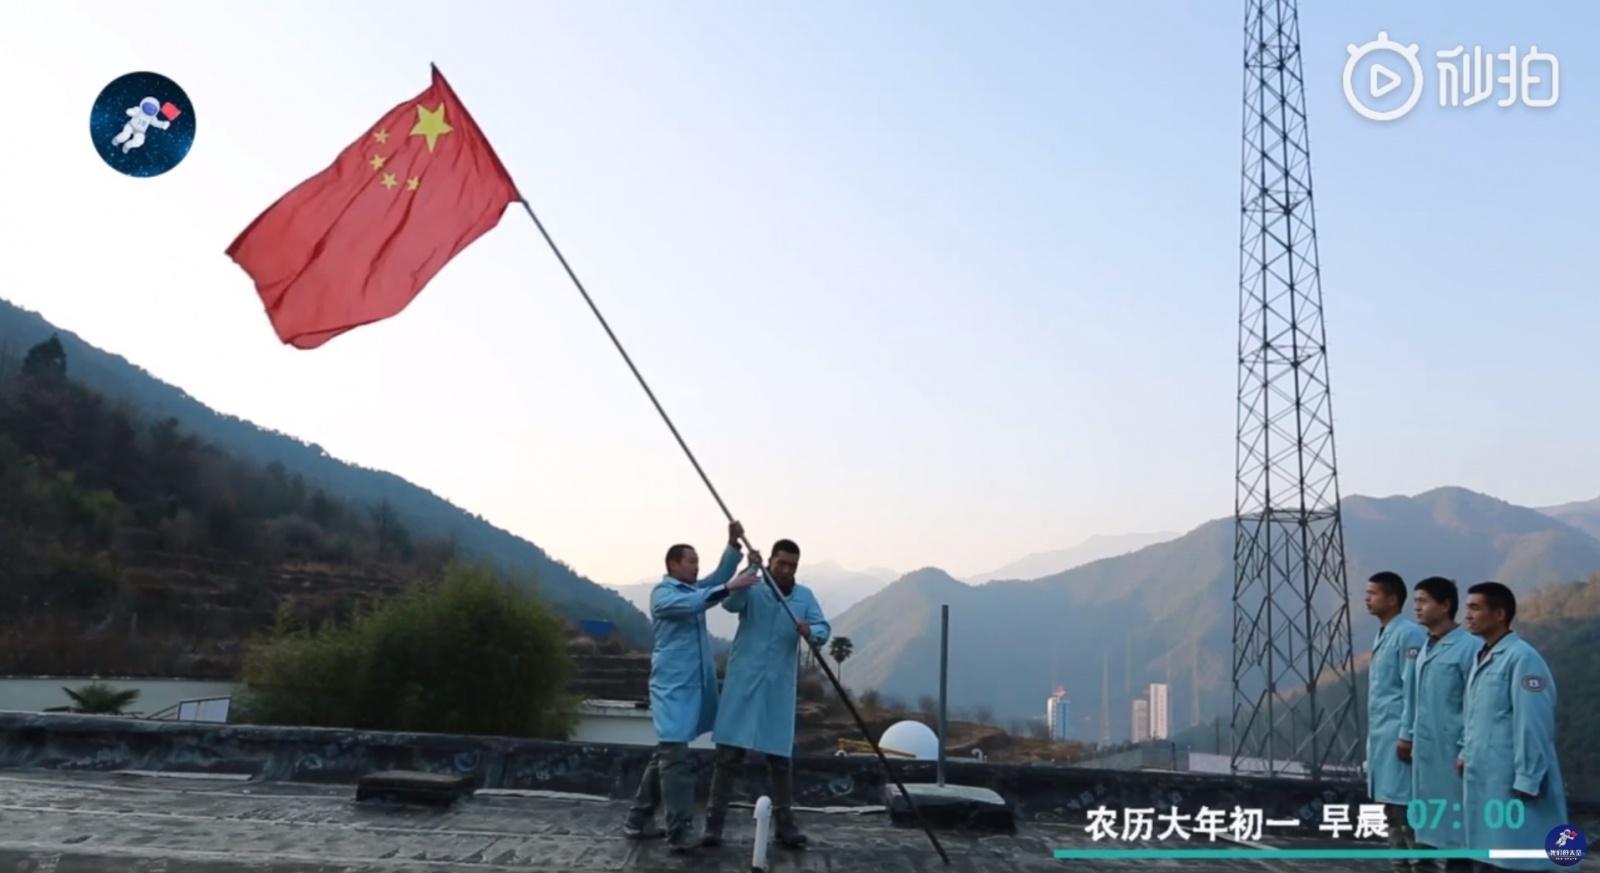 Суровая рабочая реальность — Китайский космодром Сичан (Xichang Satellite Launch Center — XSLC) - 81